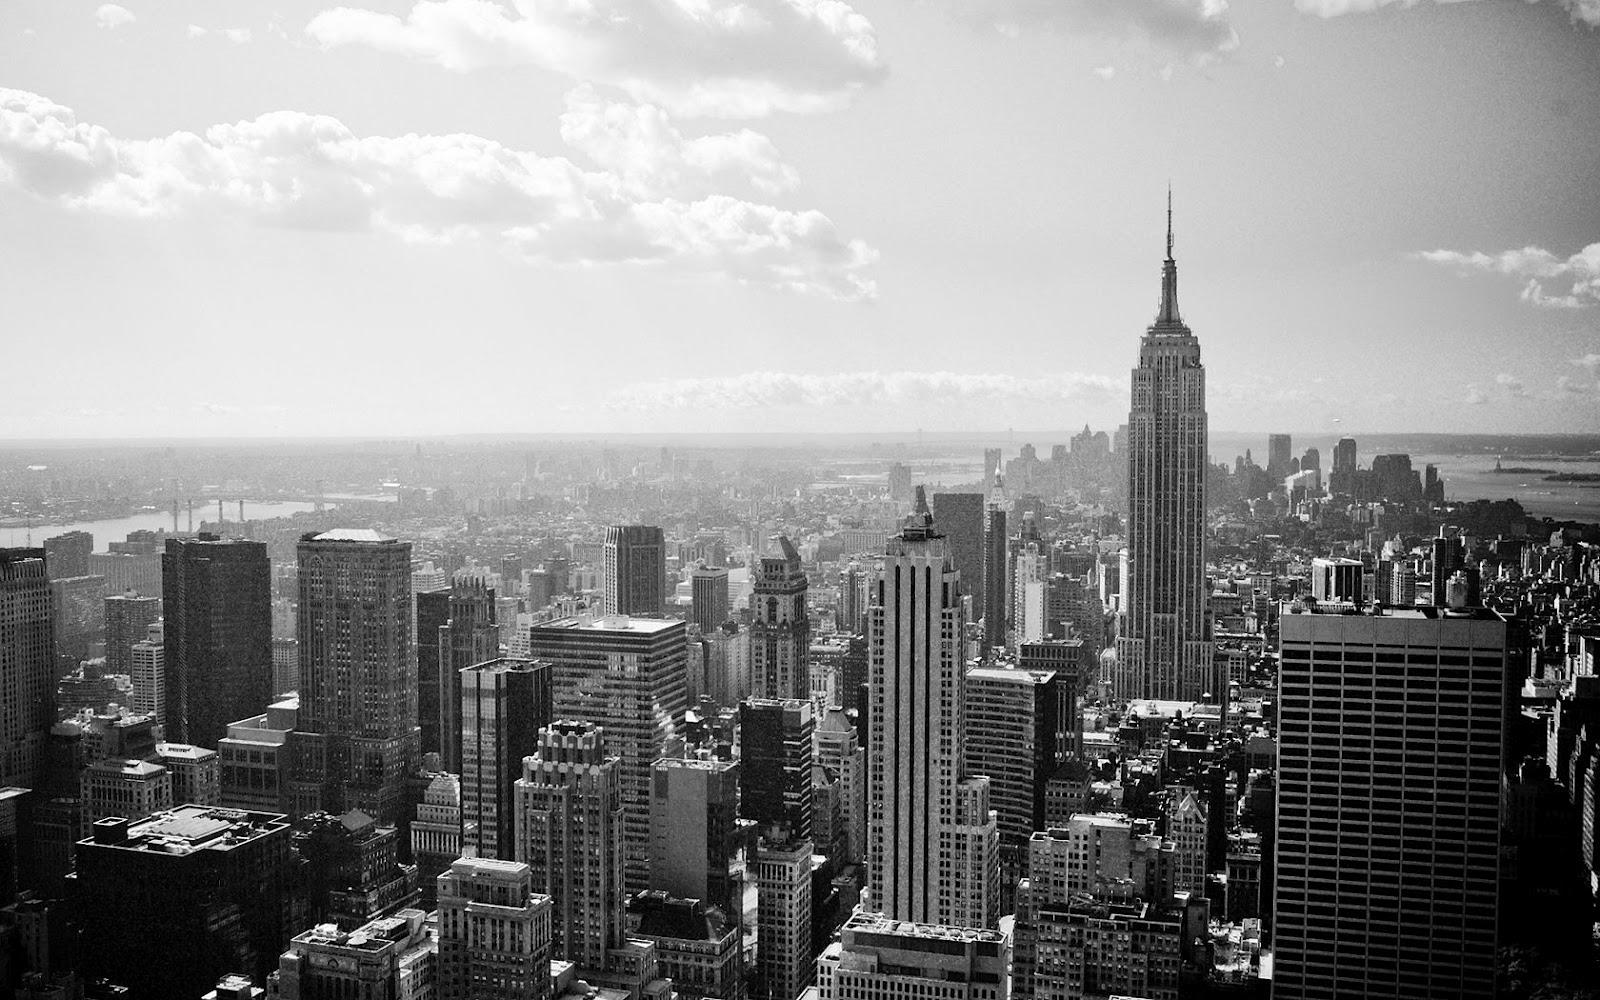 http://2.bp.blogspot.com/-rd6SGElWeeA/T5sEfoWGjyI/AAAAAAAAFG4/VHllQOA4sHM/s1600/New_York_Black_And_White+-+hd+photography.jpg